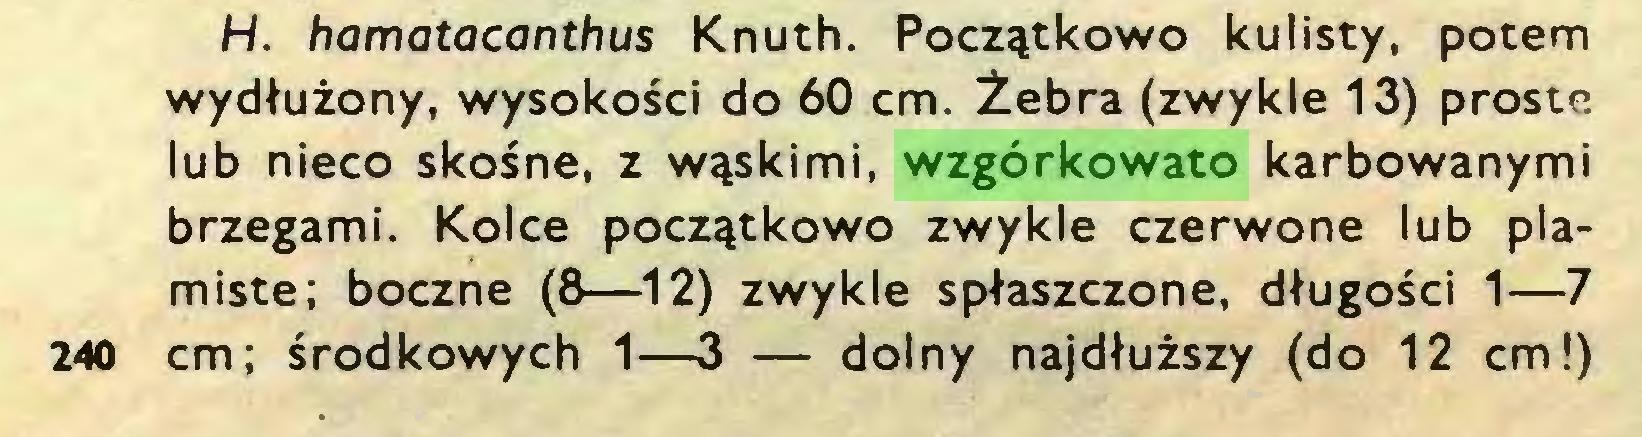 (...) H. hamatacanthus Knuth. Początkowo kulisty, potem wydłużony, wysokości do 60 cm. Żebra (zwykle 13) proste lub nieco skośne, z wąskimi, wzgórkowato karbowanymi brzegami. Kolce początkowo zwykle czerwone lub plamiste; boczne (8—12) zwykle spłaszczone, długości 1—7 240 cm; środkowych 1—3 — dolny najdłuższy (do 12 cm!)...